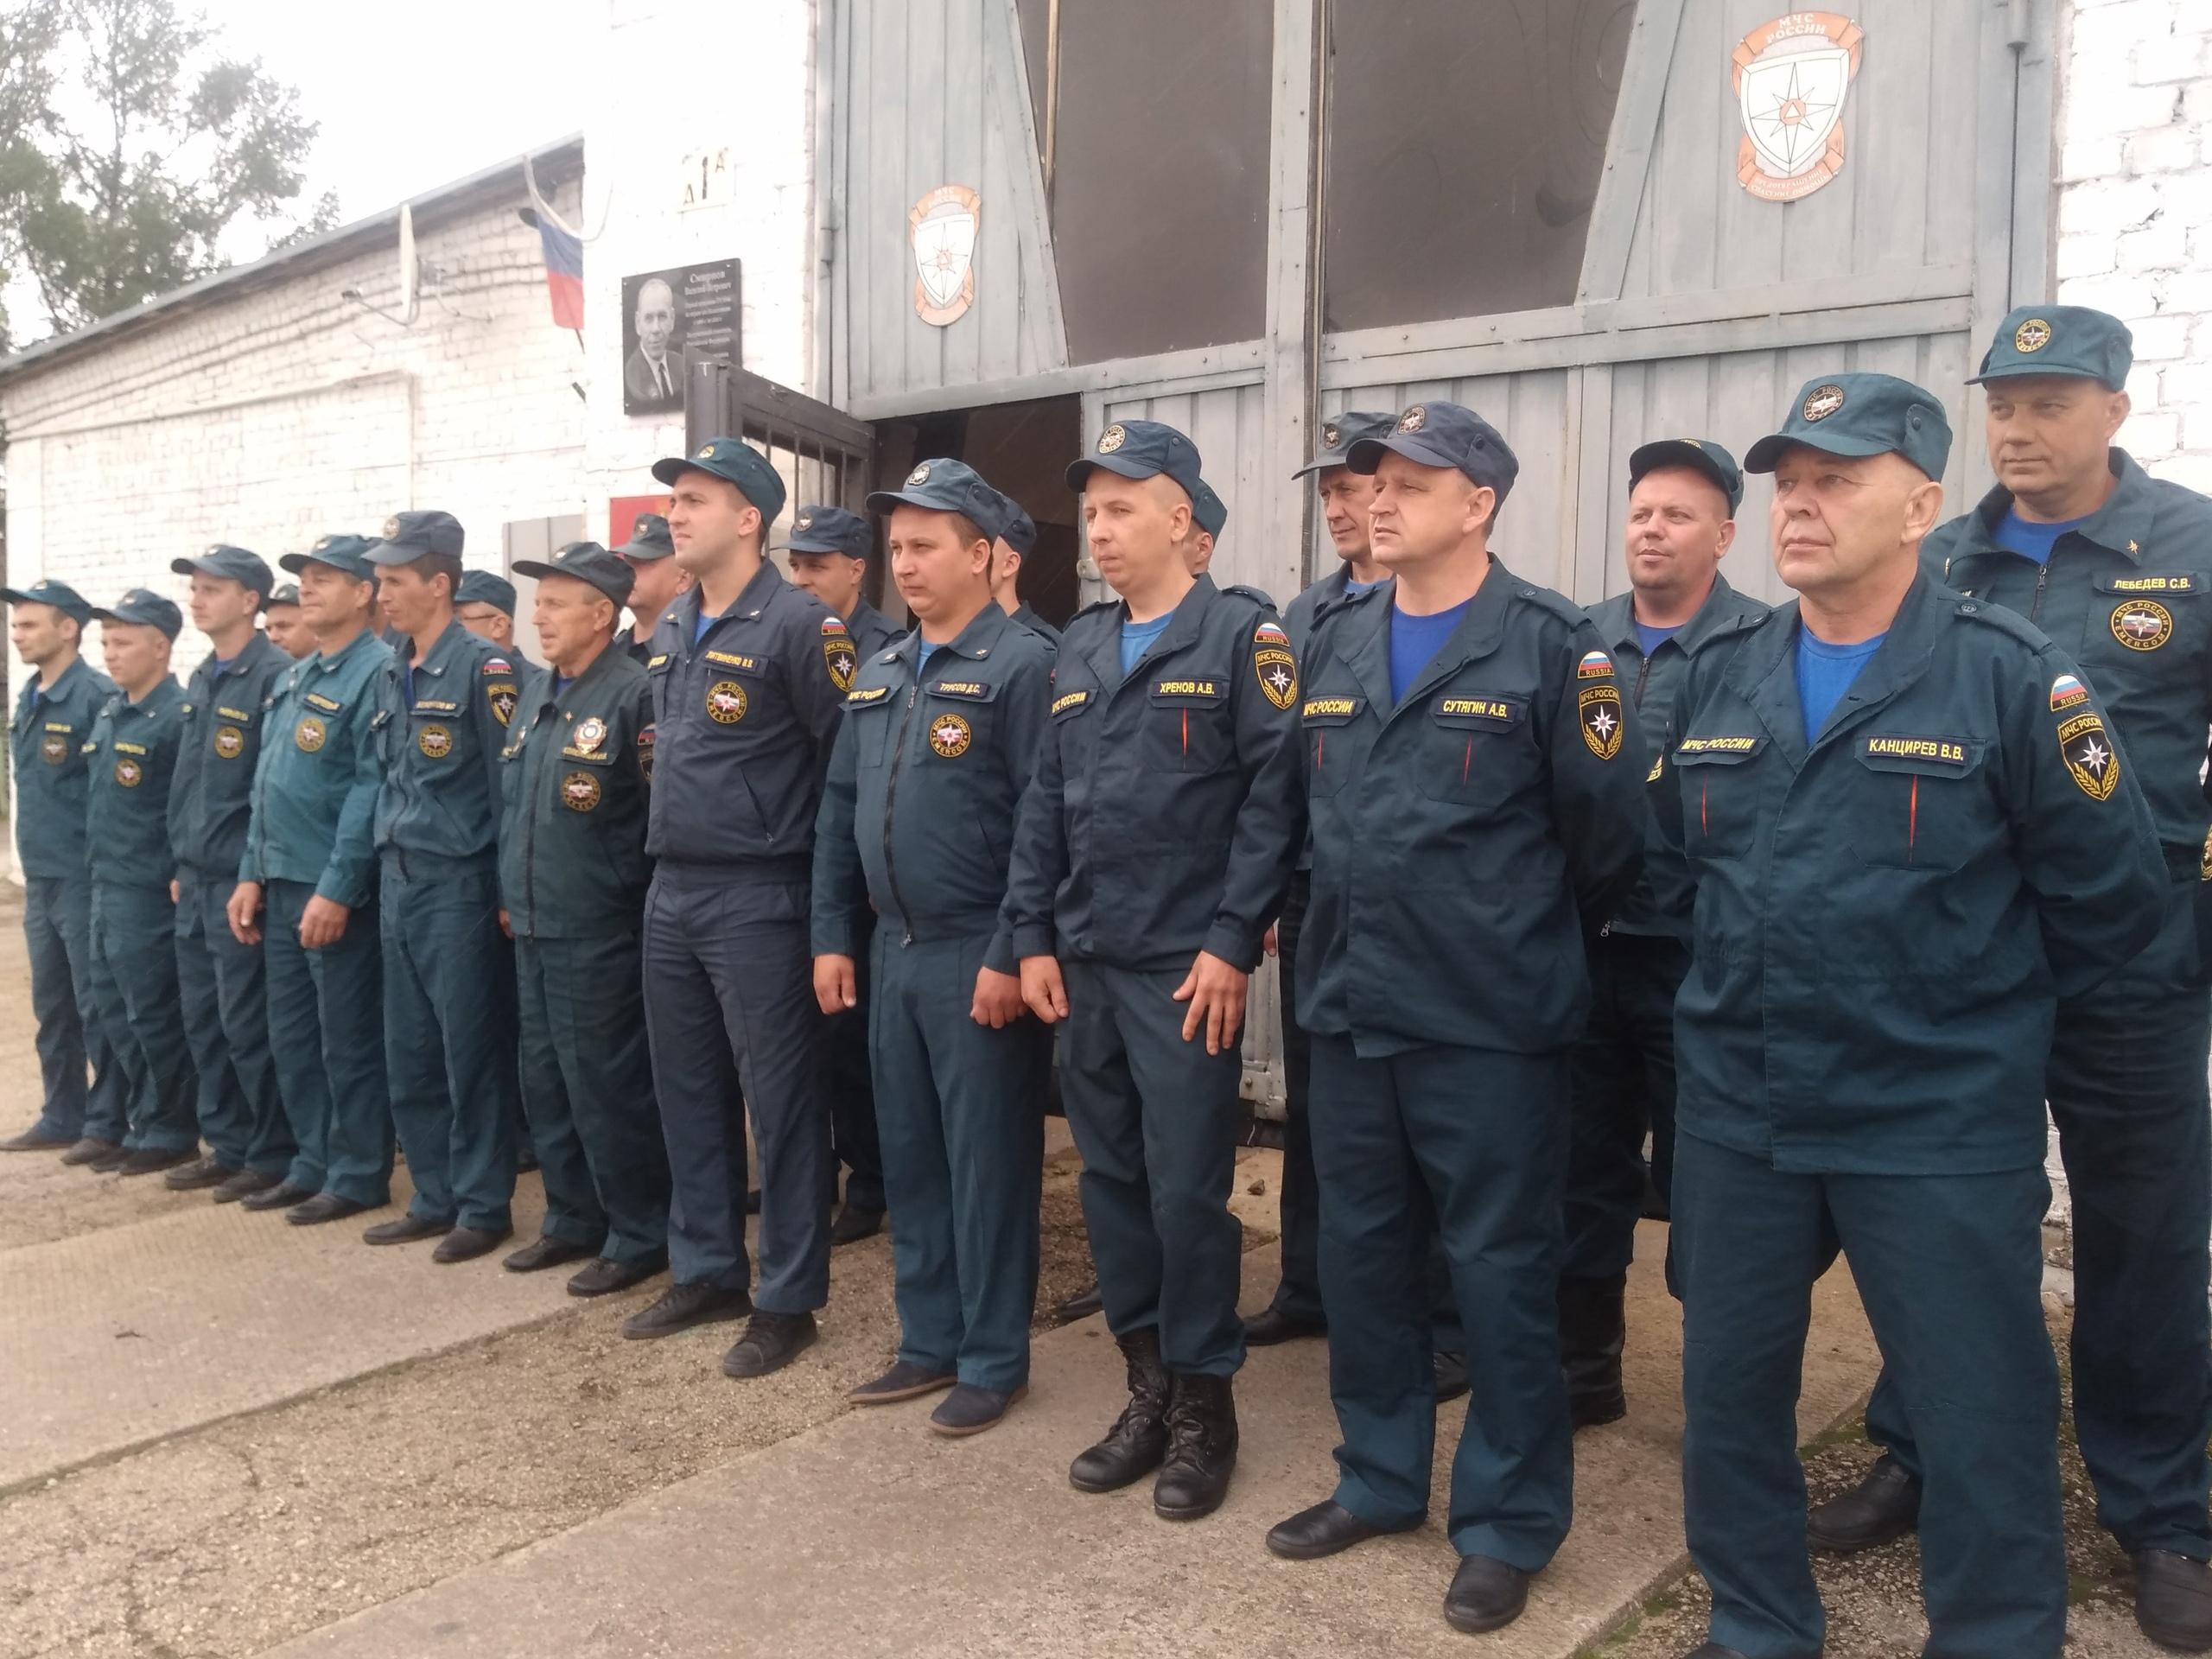 Одна из лучших пожарных частей Лихославльского района отметила 110 лет